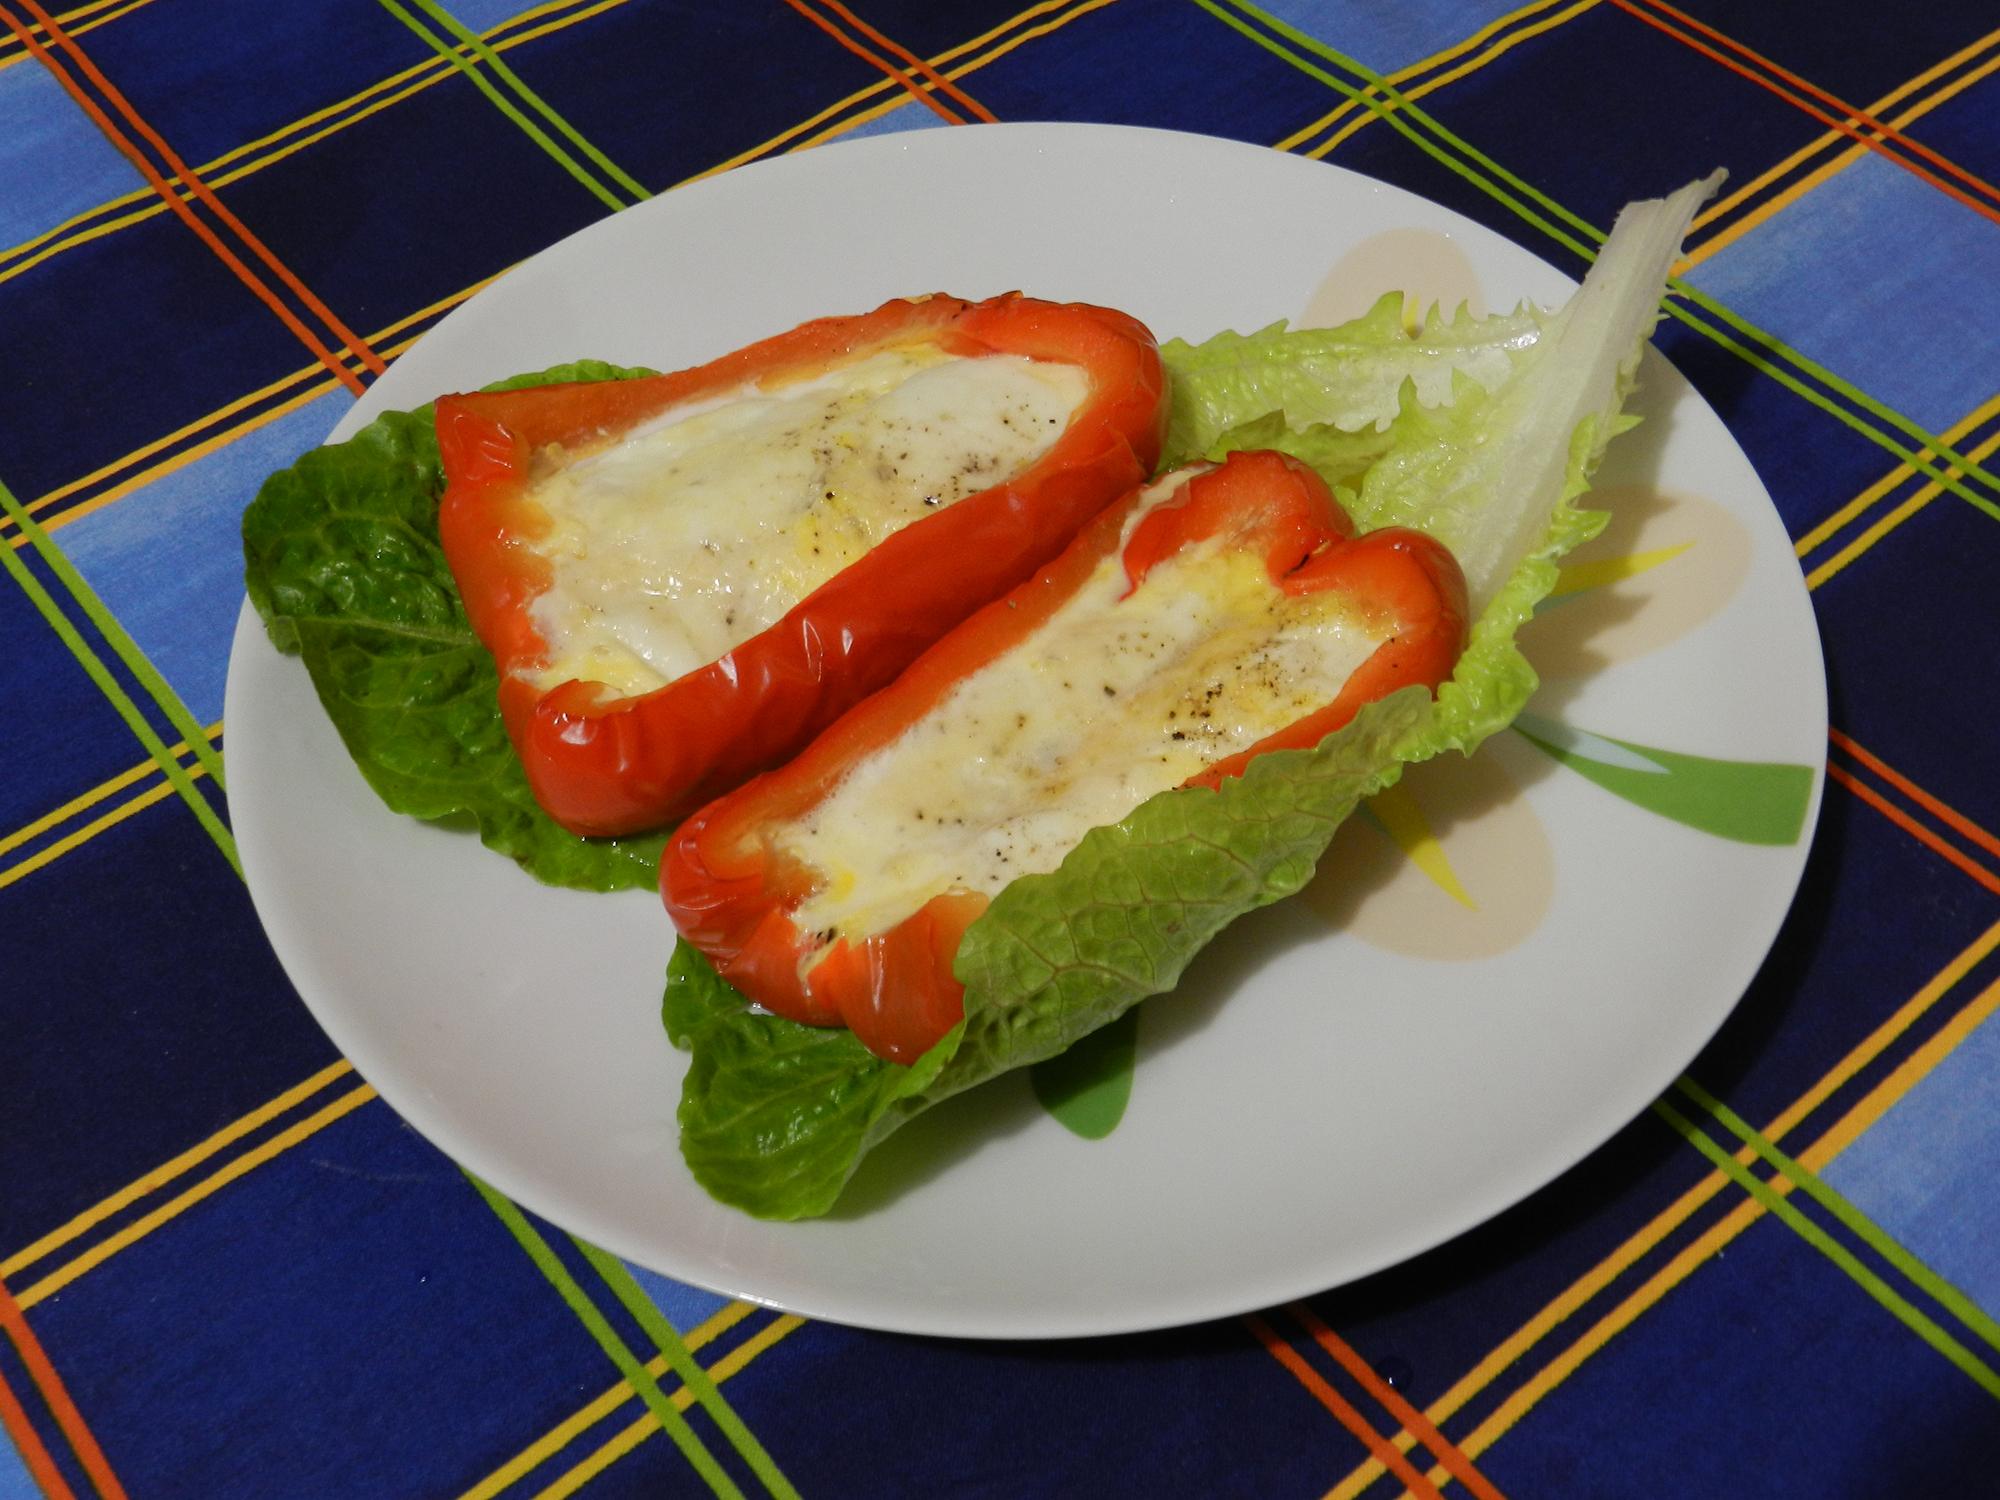 Peperoni ripieni di mozzarella cucina creativa for Cucina creativa